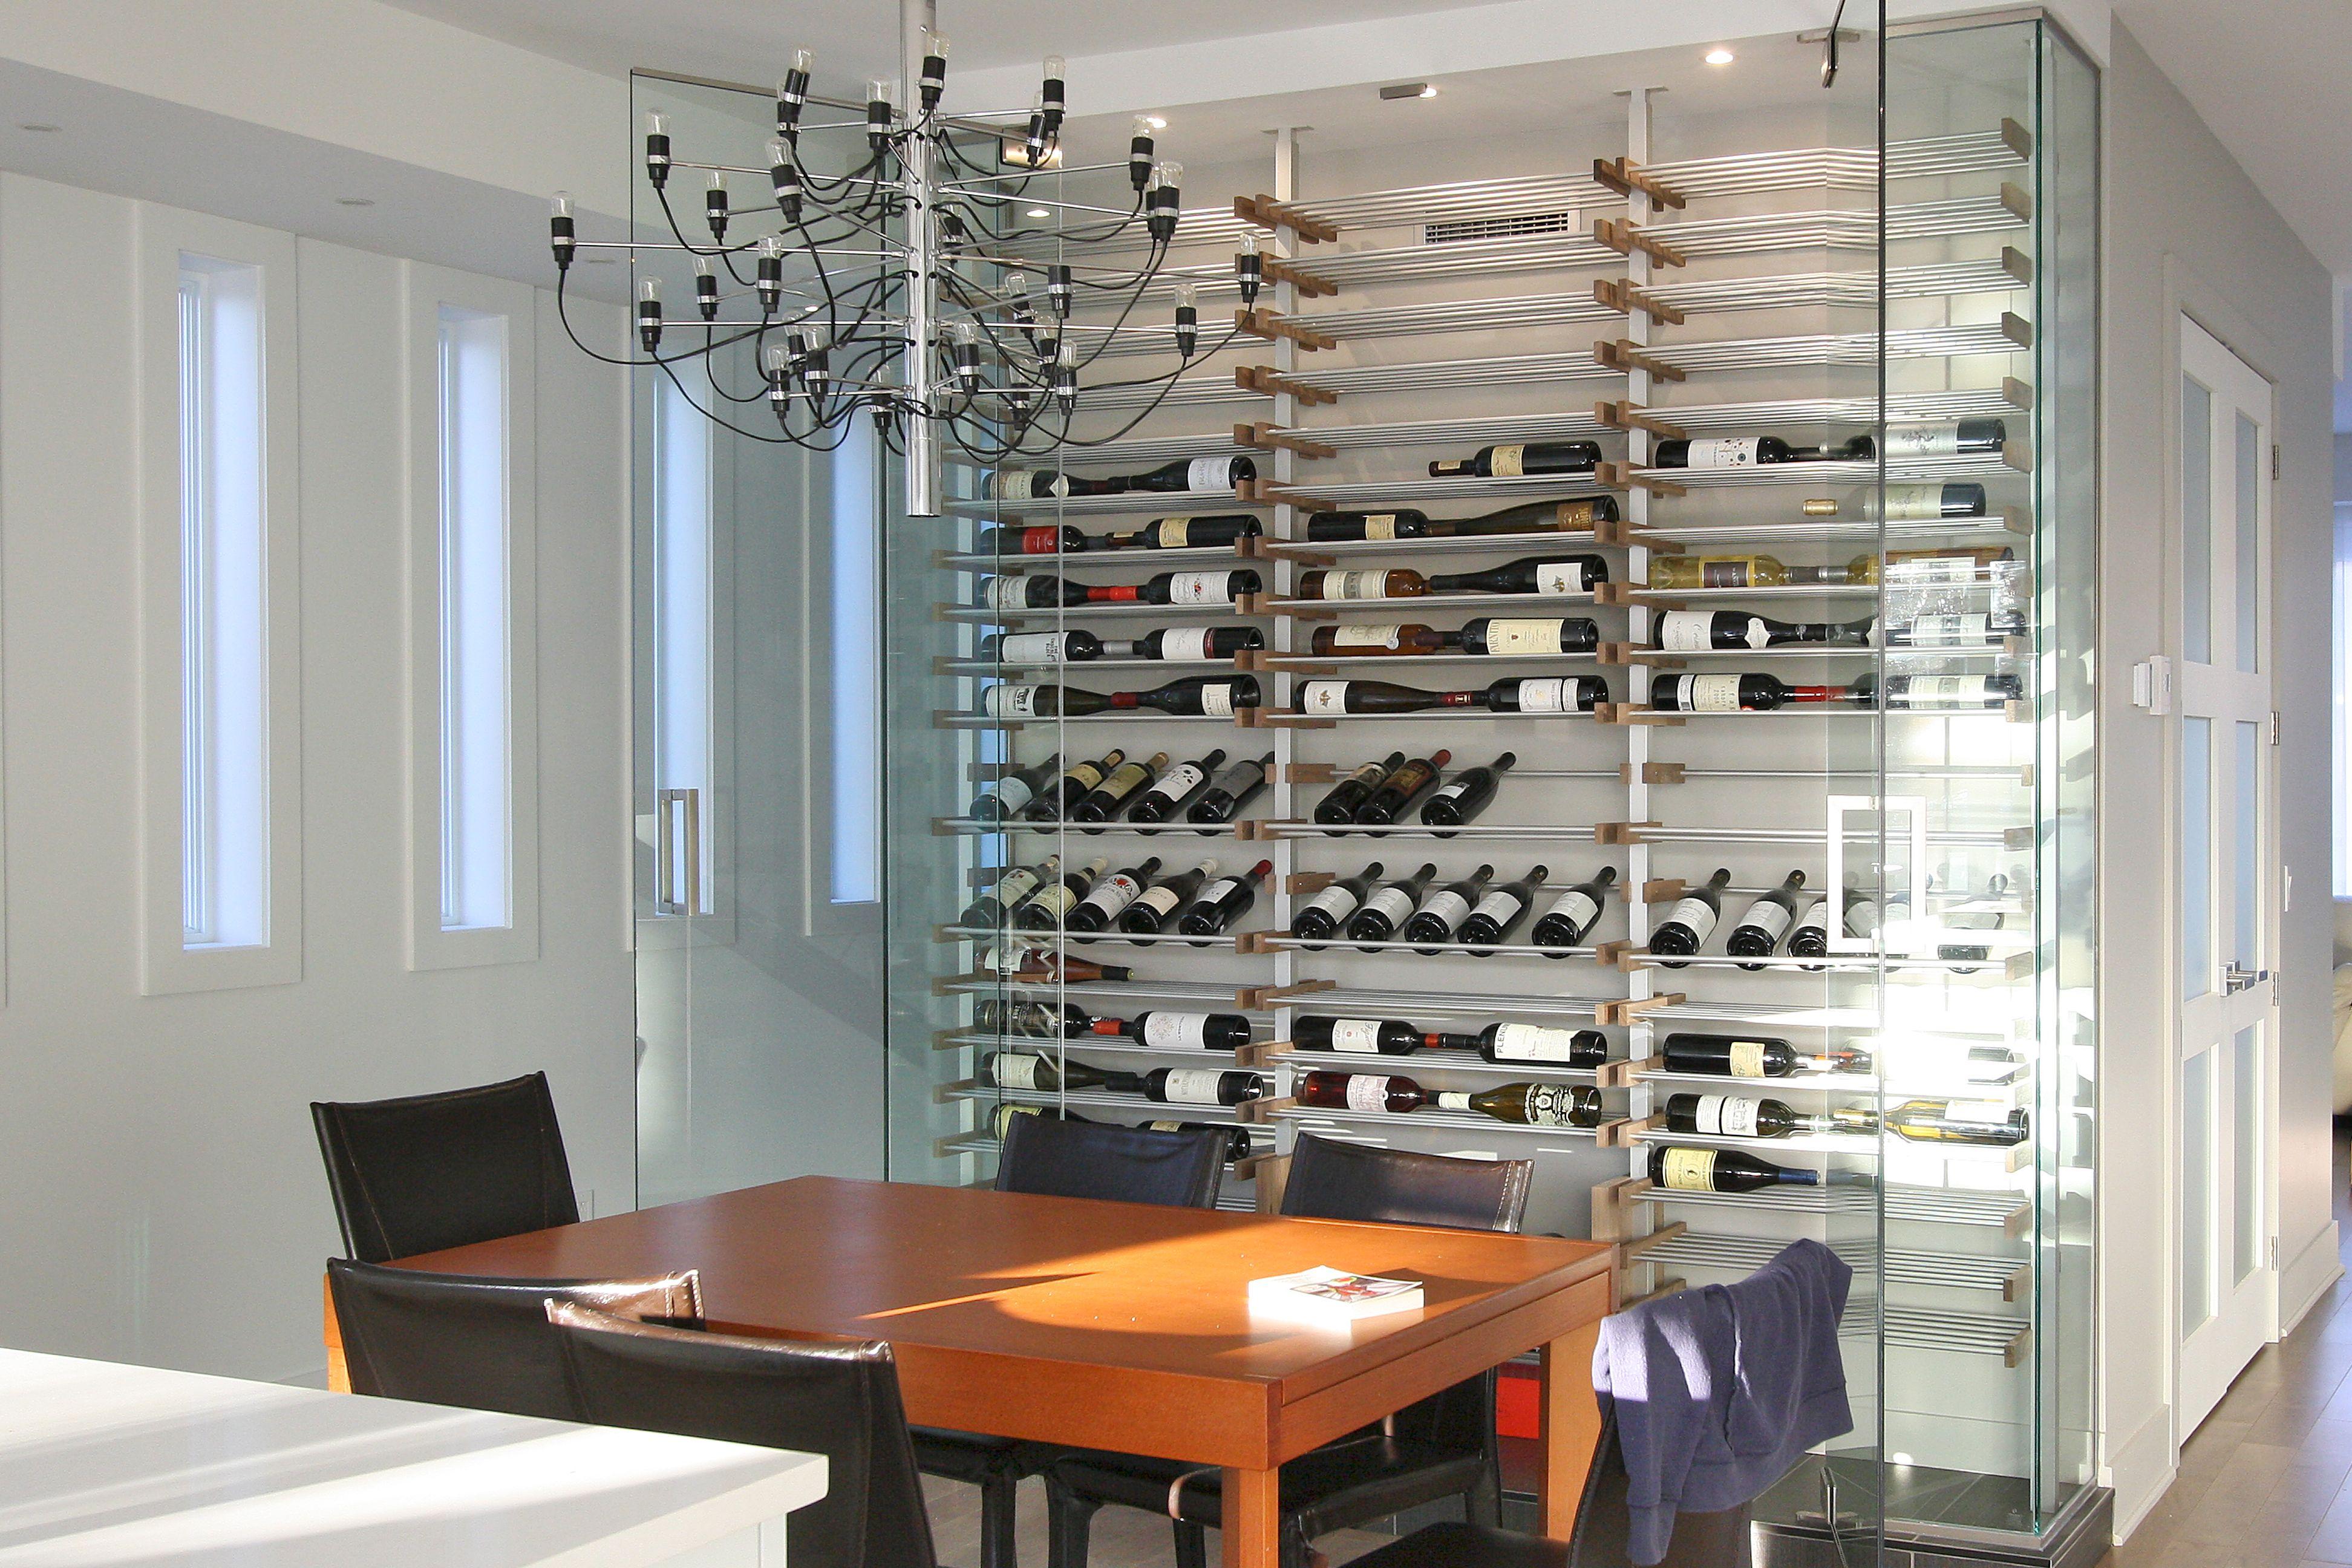 Magnifique cave à vin vitrée dans la cuisine | Rangement vin, Cave à vin moderne, Cave à vin